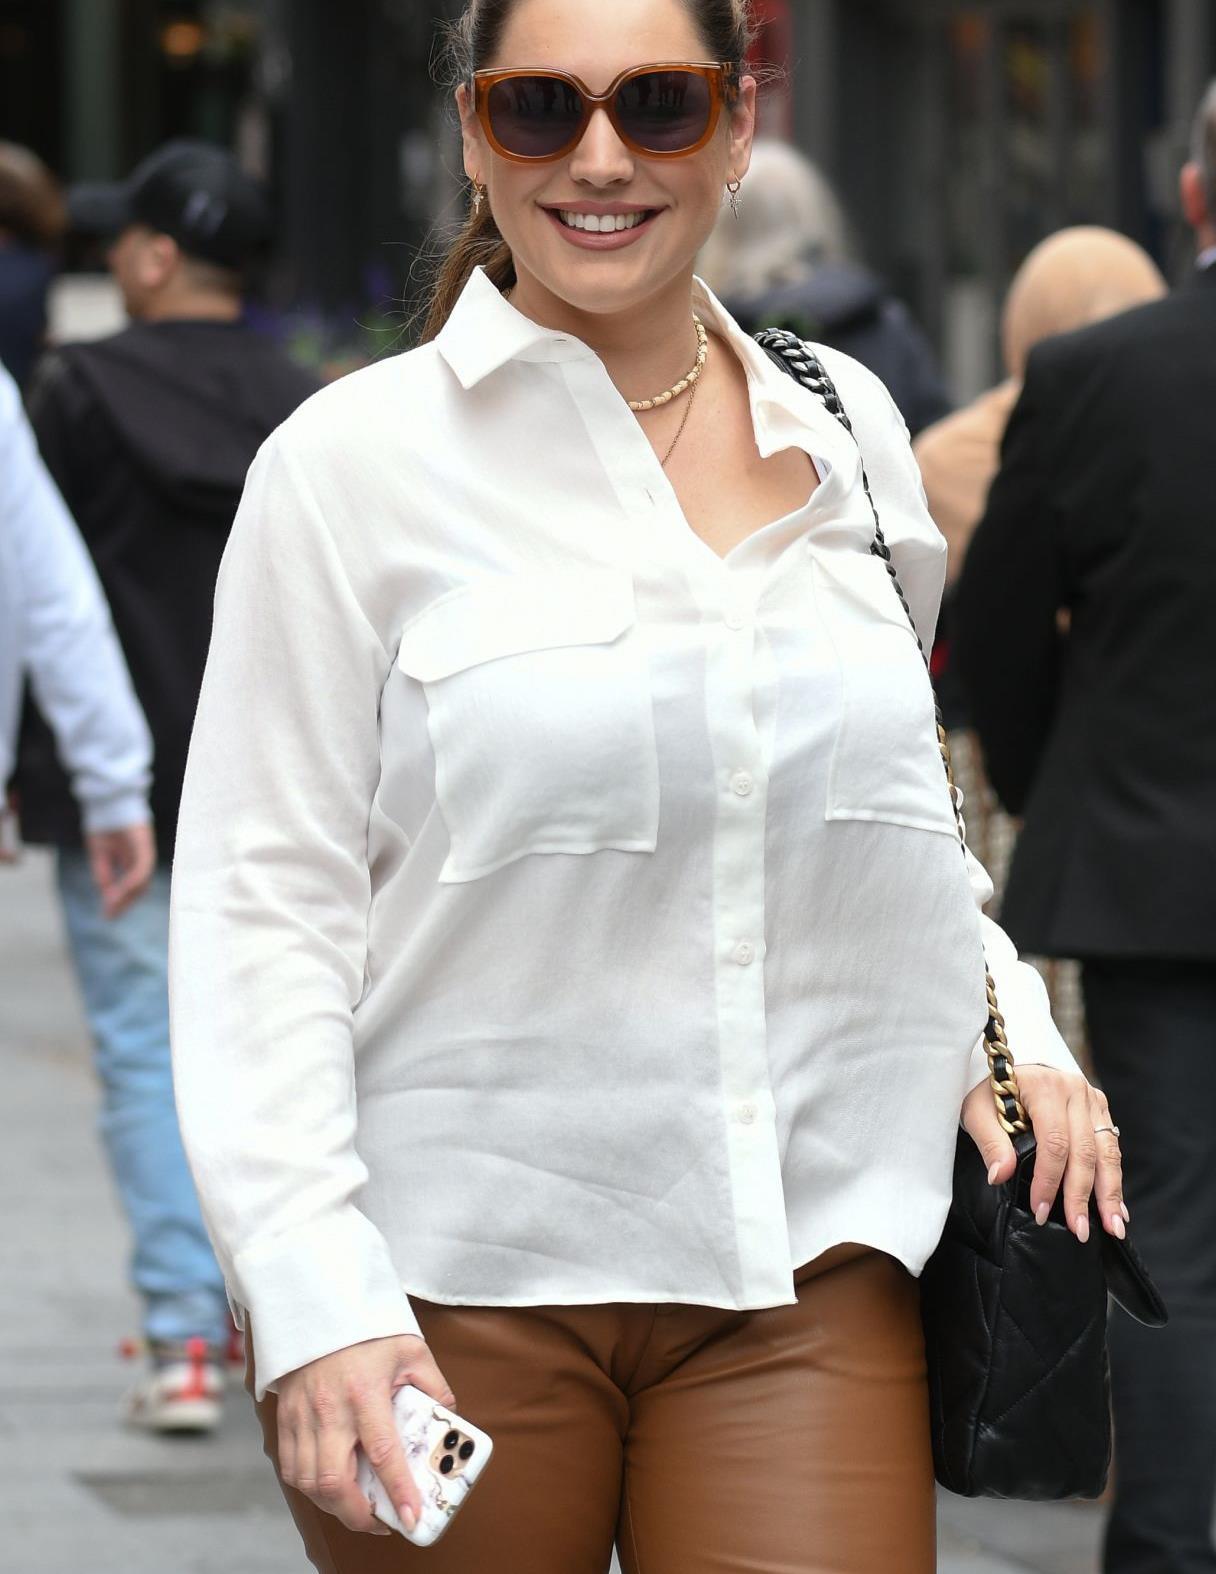 凯莉·布鲁克穿白色衬衫搭棕色长裤简约休闲,墨镜高跟鞋时尚靓丽